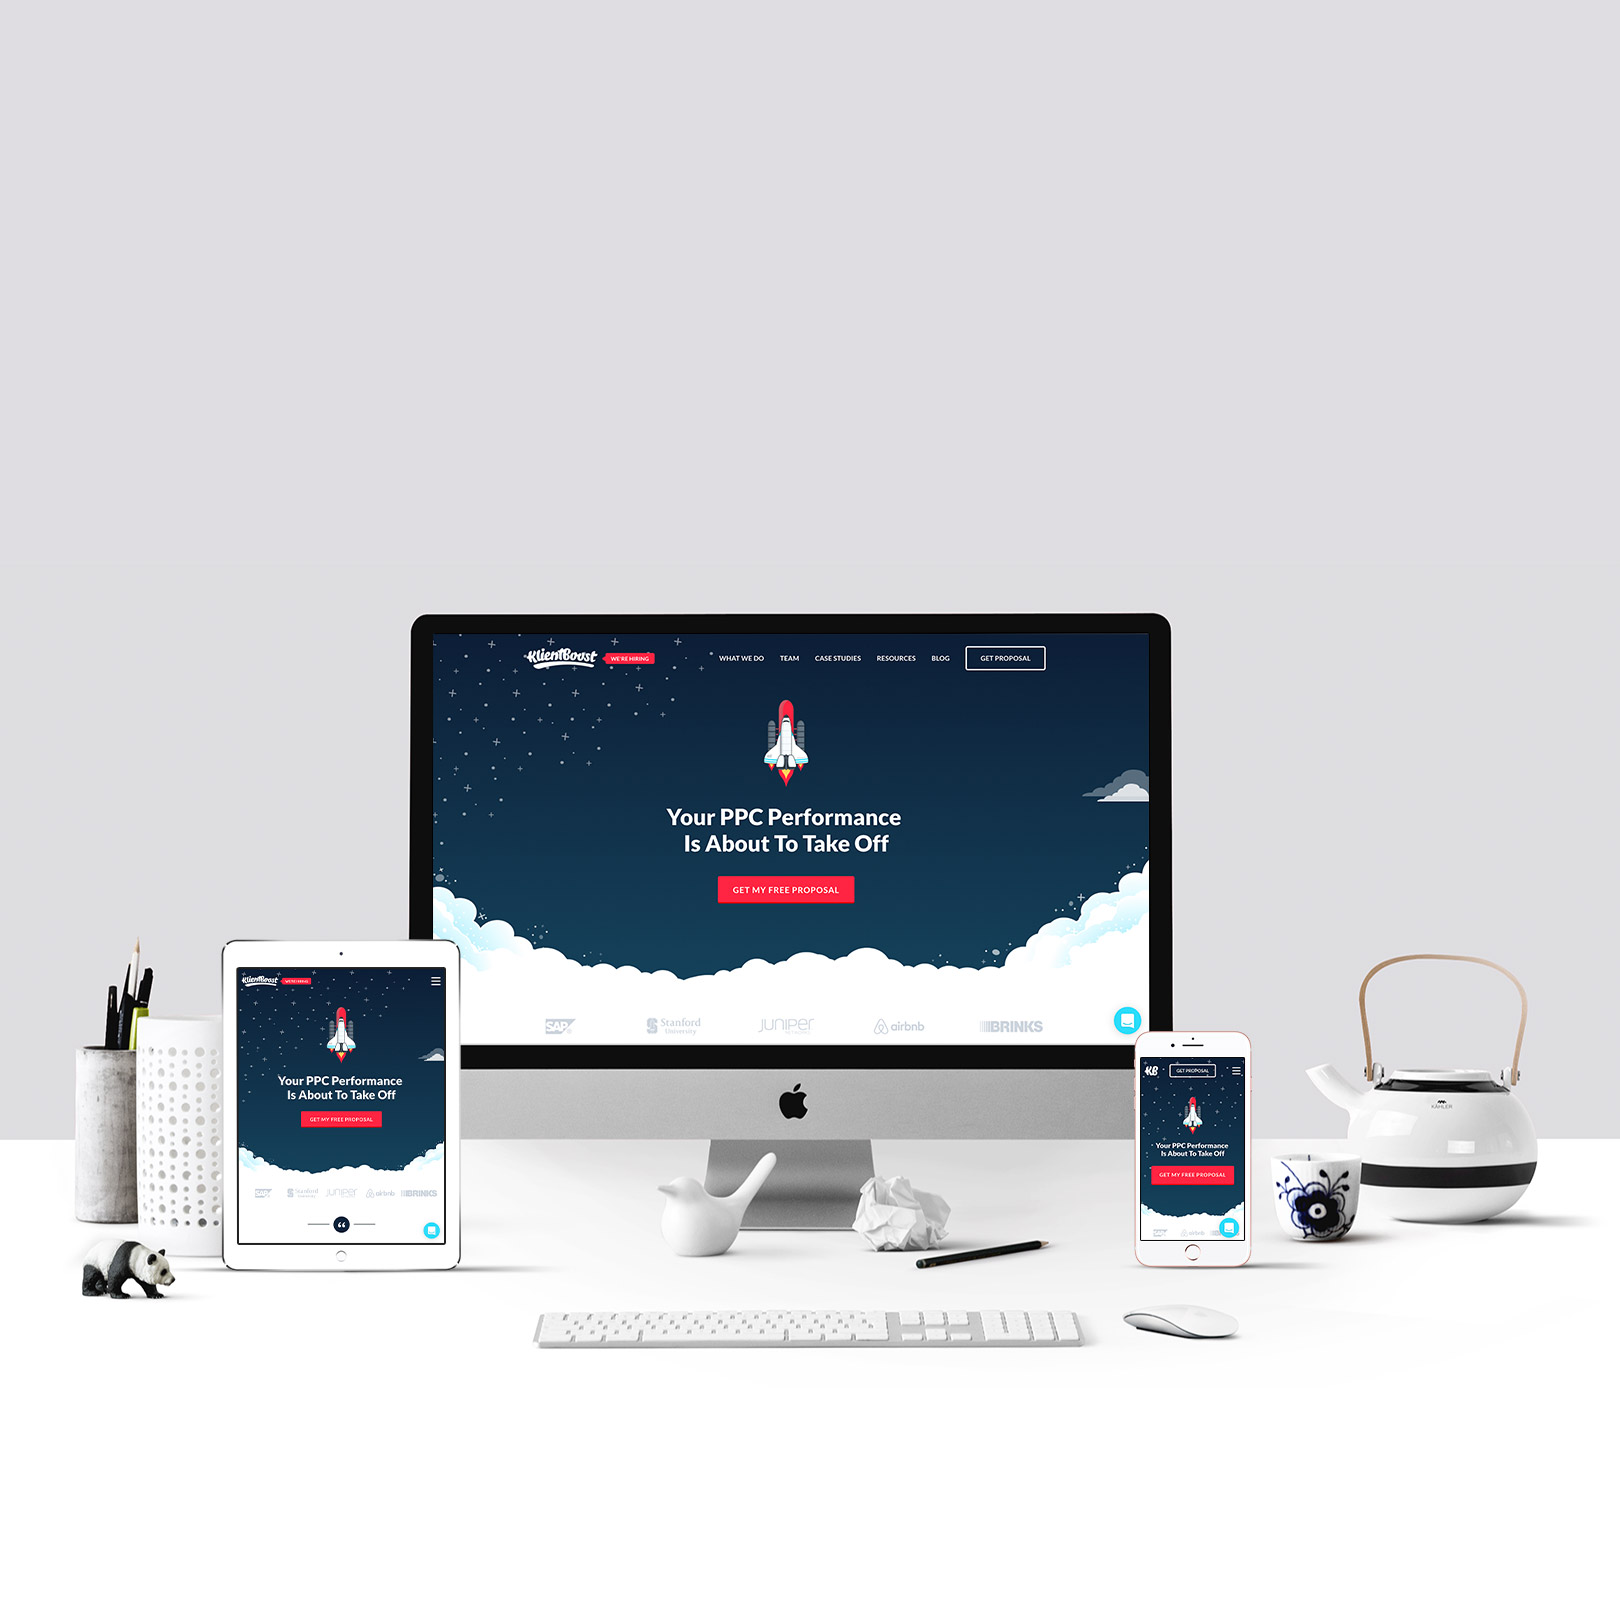 Web design at Binh Duong thiết kế web bình dương